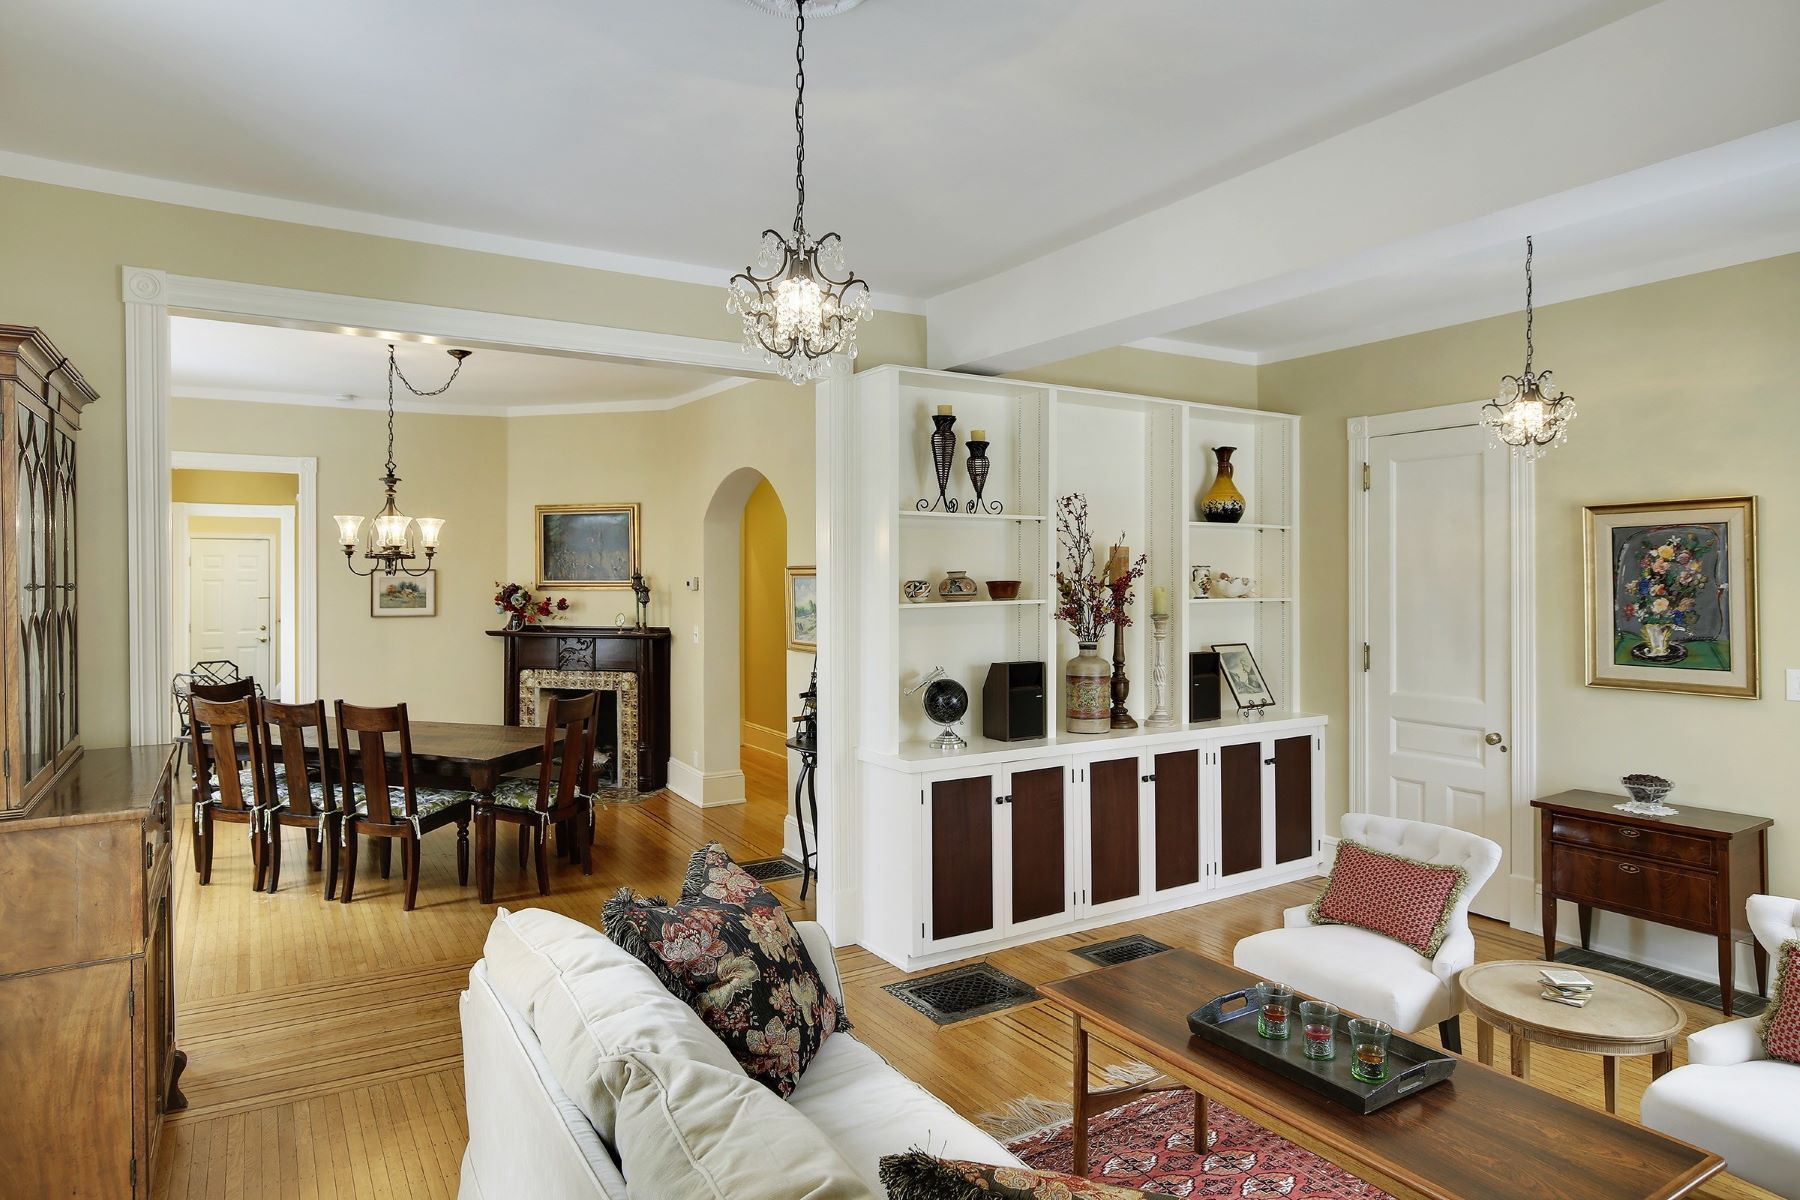 独户住宅 为 销售 在 2003 Sheridan Ave S Kenwood, 明尼阿波利斯市, 明尼苏达州, 55405 美国